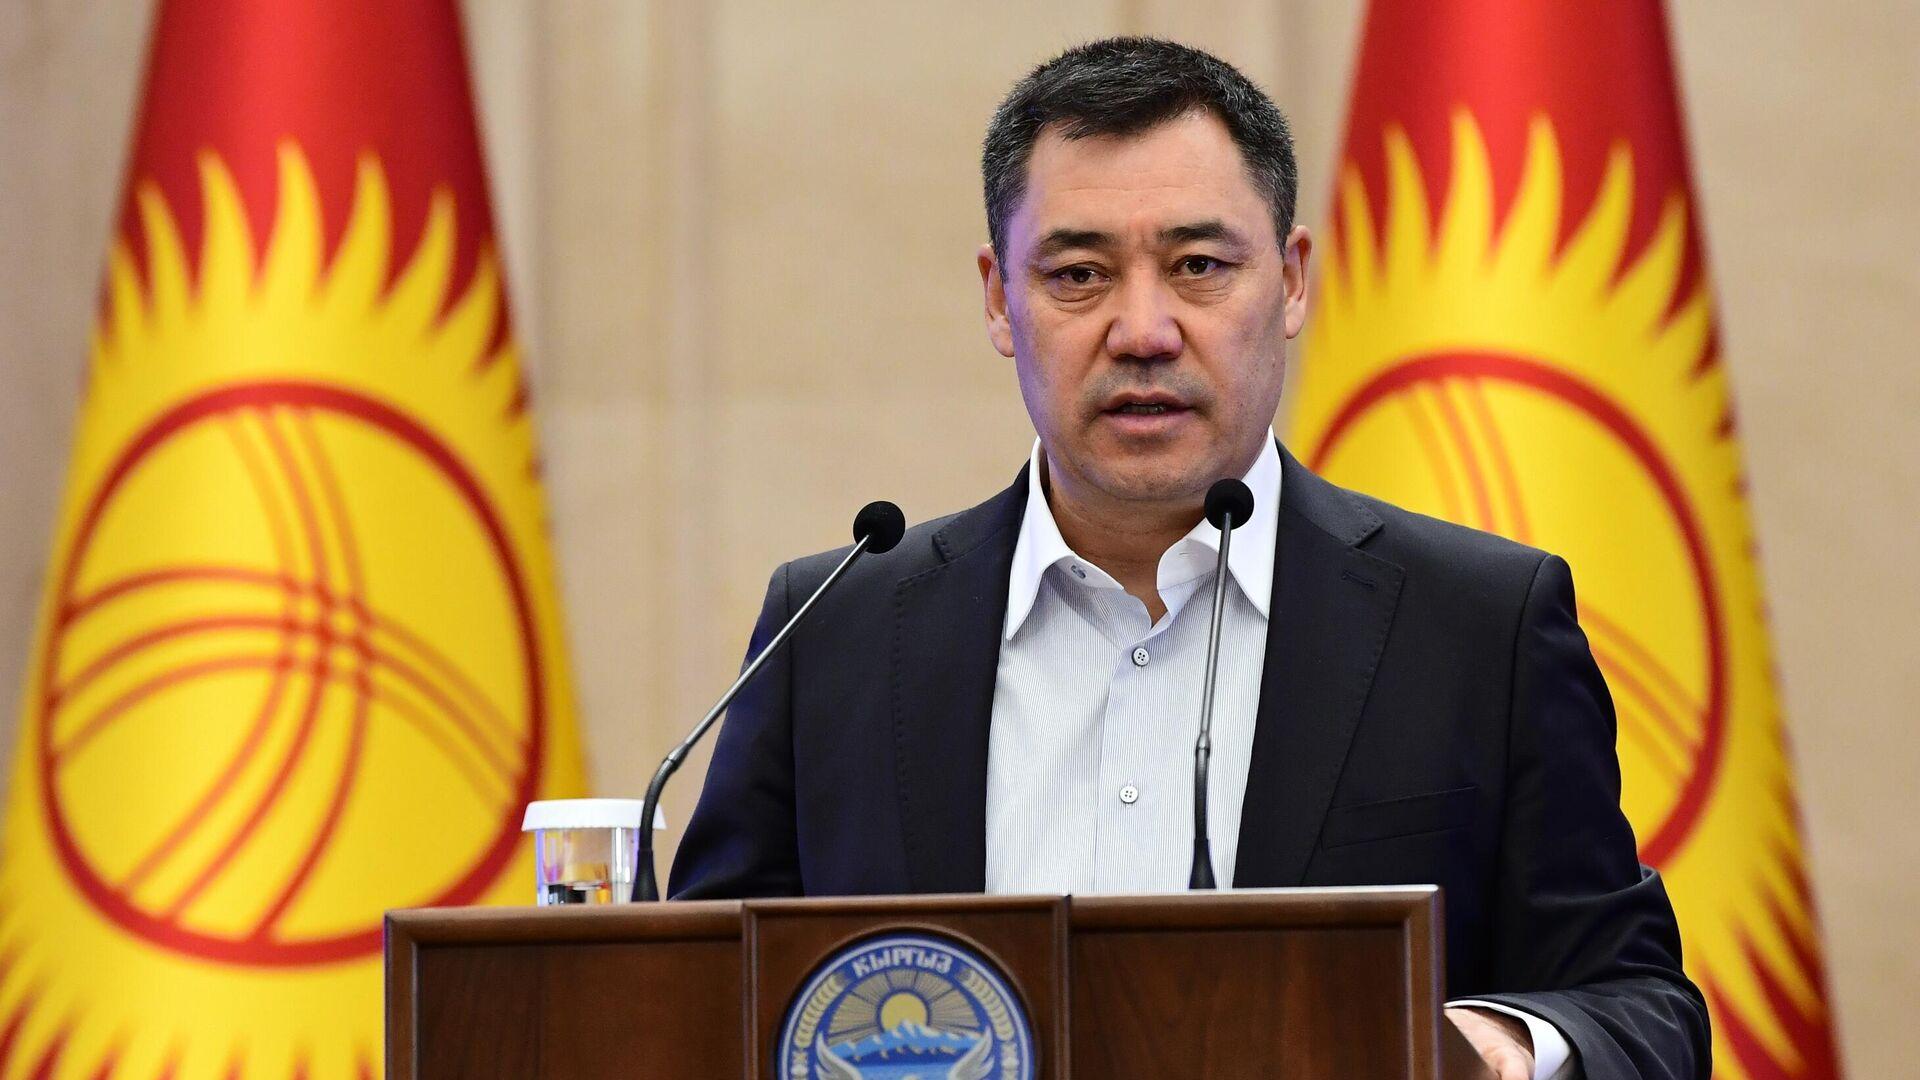 Премьер-министр Киргизии Садыр Жапаров выступает на внеочередном заседании парламента в Бишкеке - РИА Новости, 1920, 16.01.2021